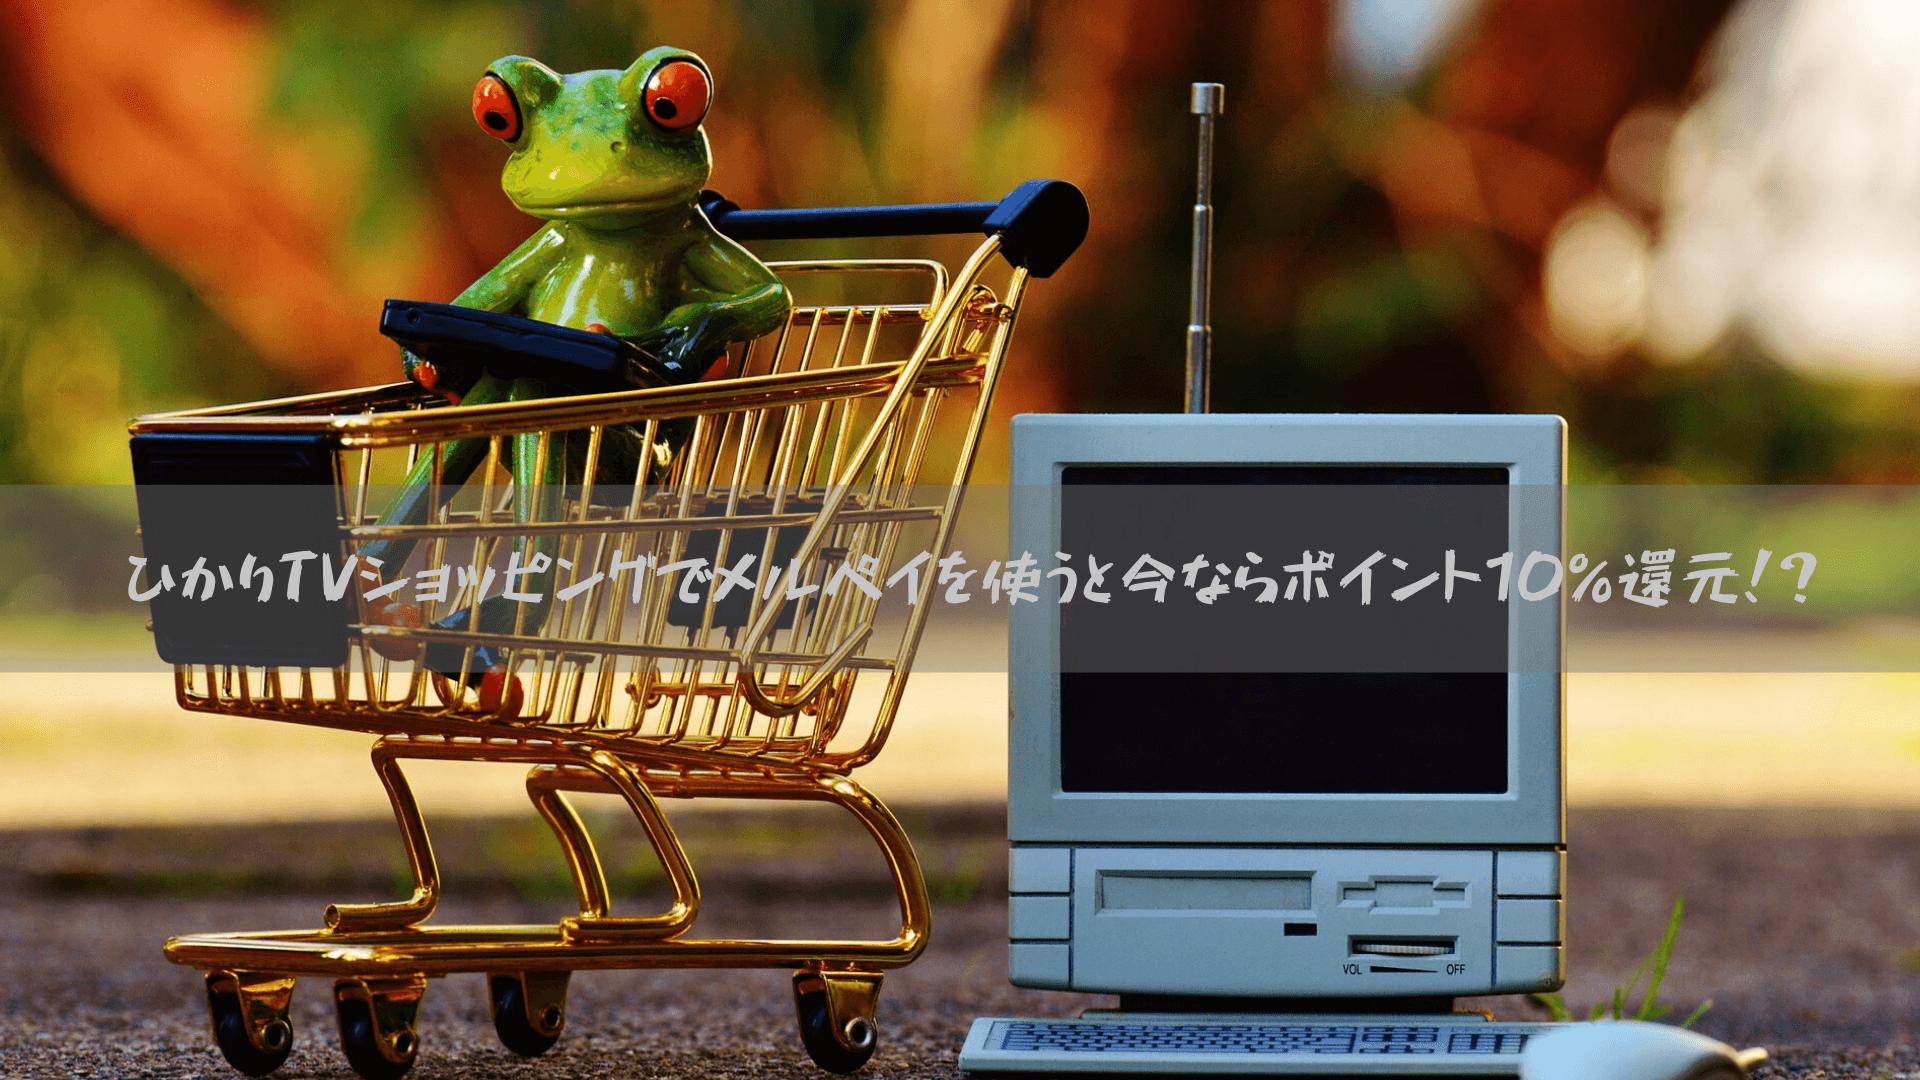 ひかりTVショッピングでメルペイを使うと今ならポイント10%還元!?